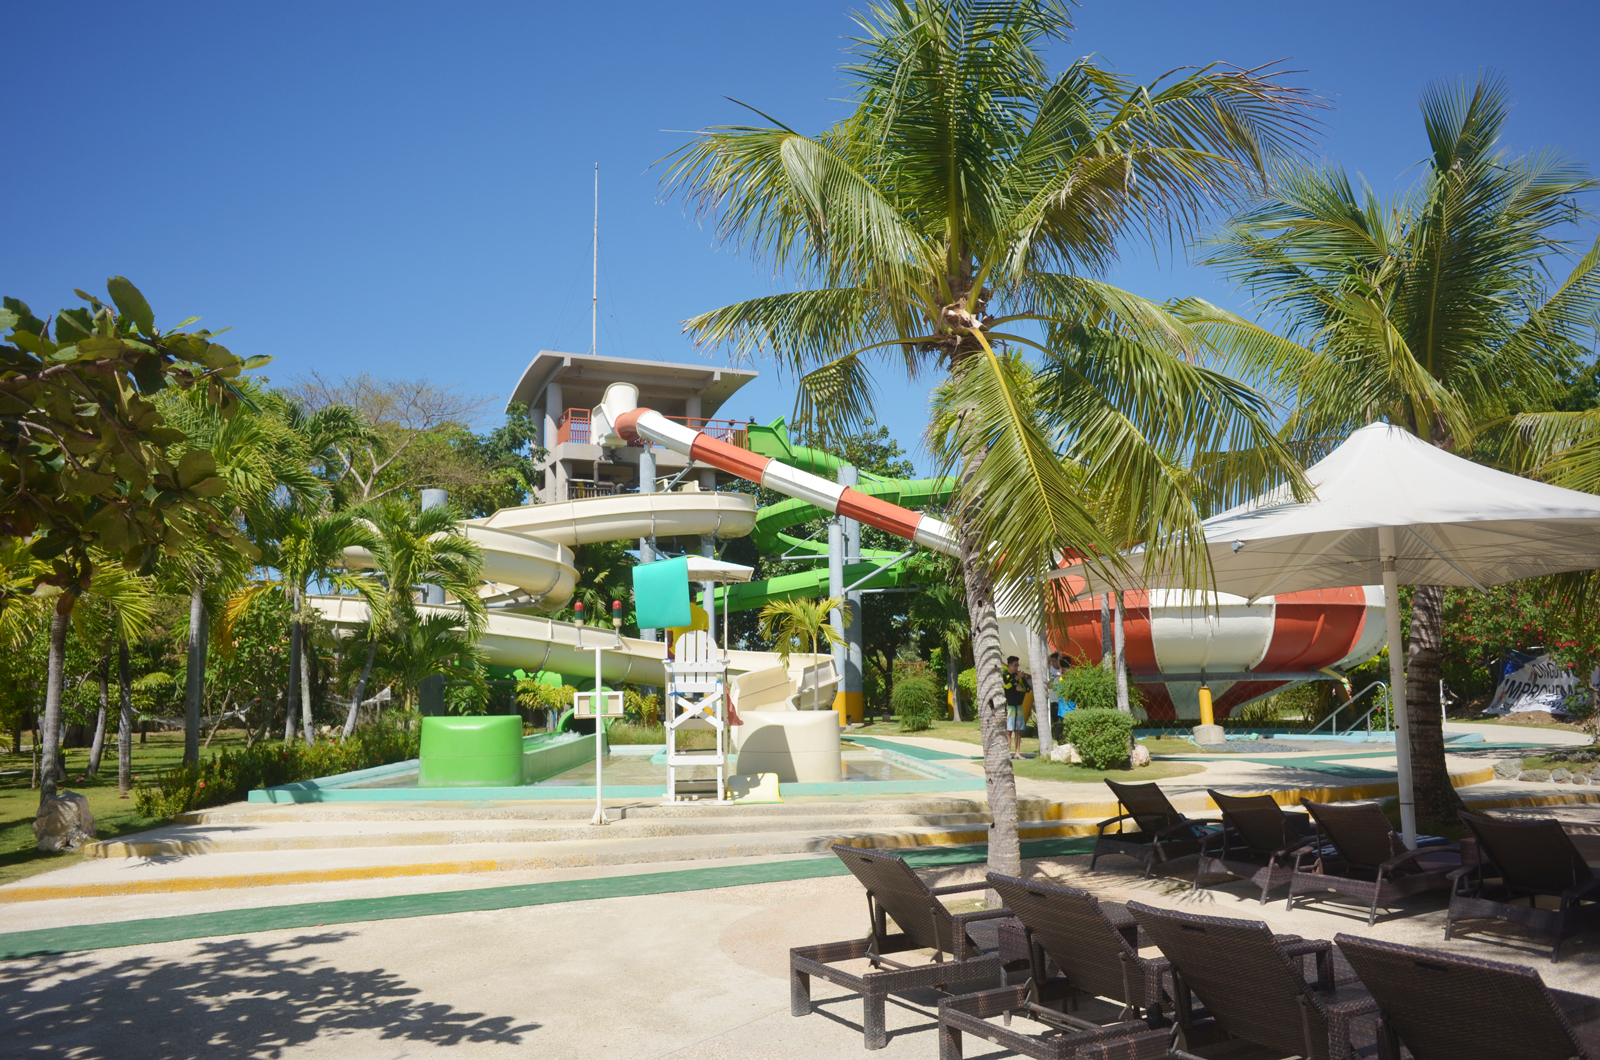 家族にオススメ!セブ島5スターホテル「JPark」のデイユースに行ってみた